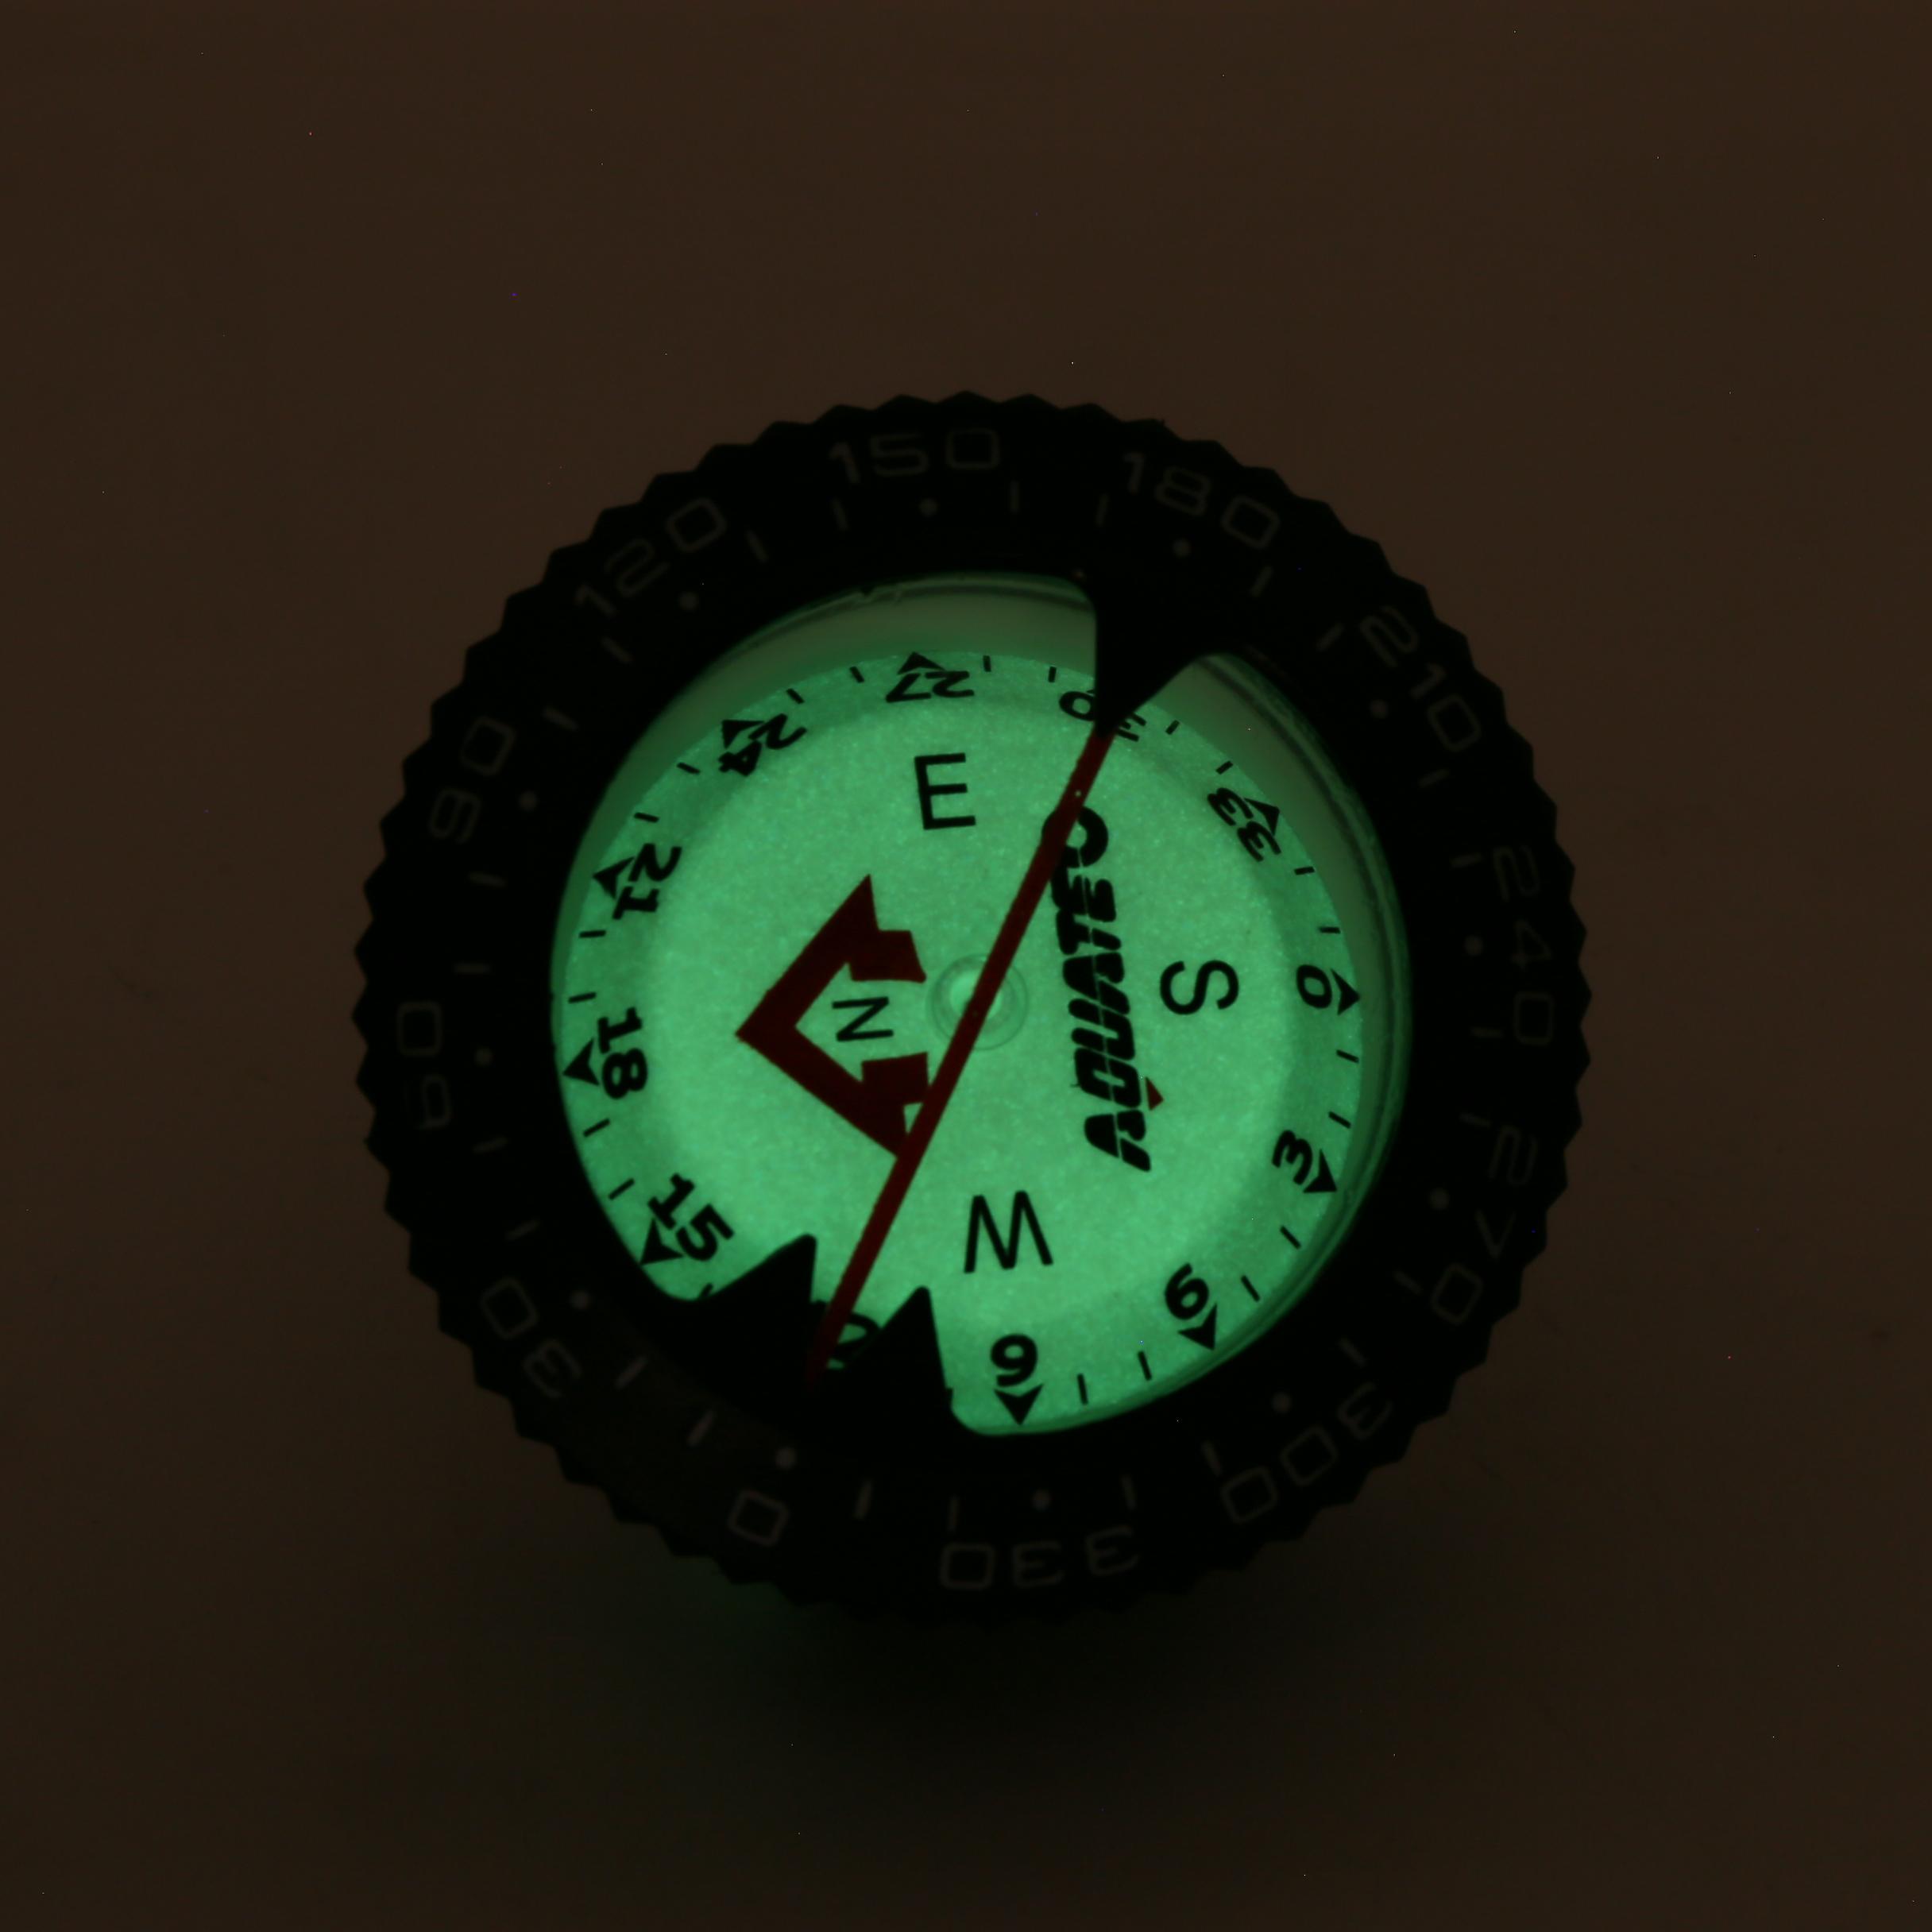 Dive Compass - SC-600M Diving Wrist Compass